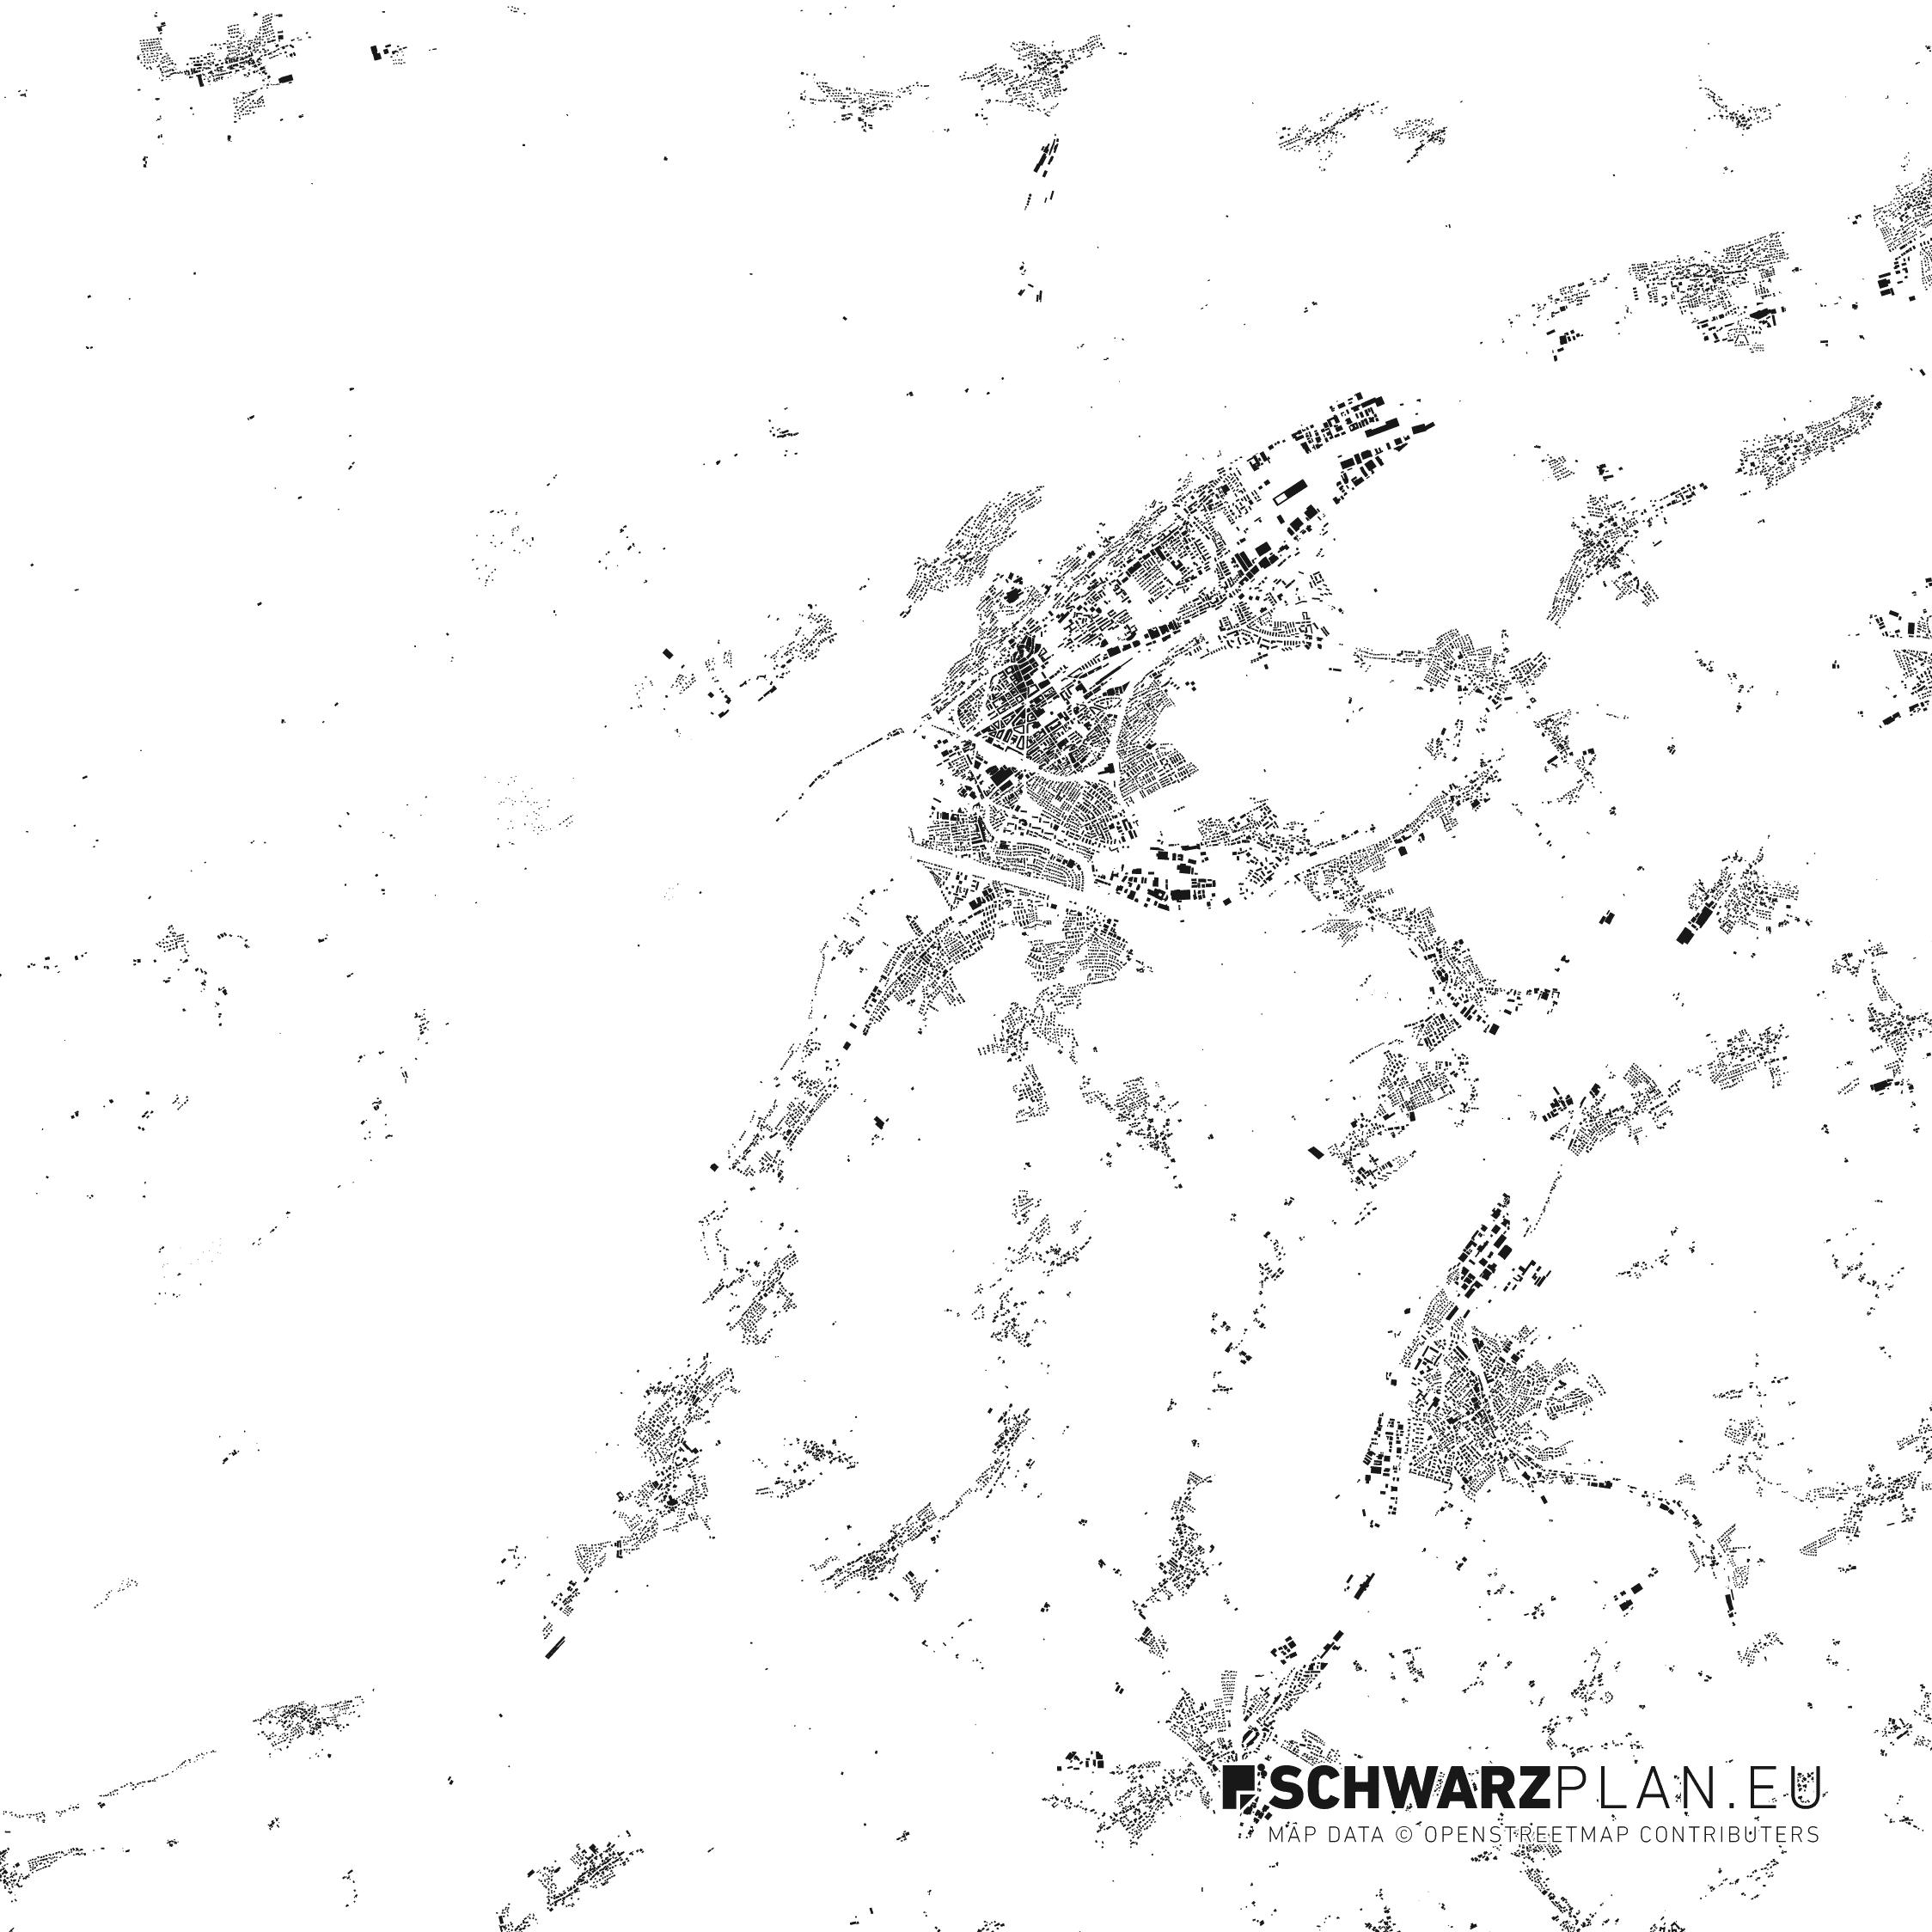 Schwarzplan von Biel in der Schweiz